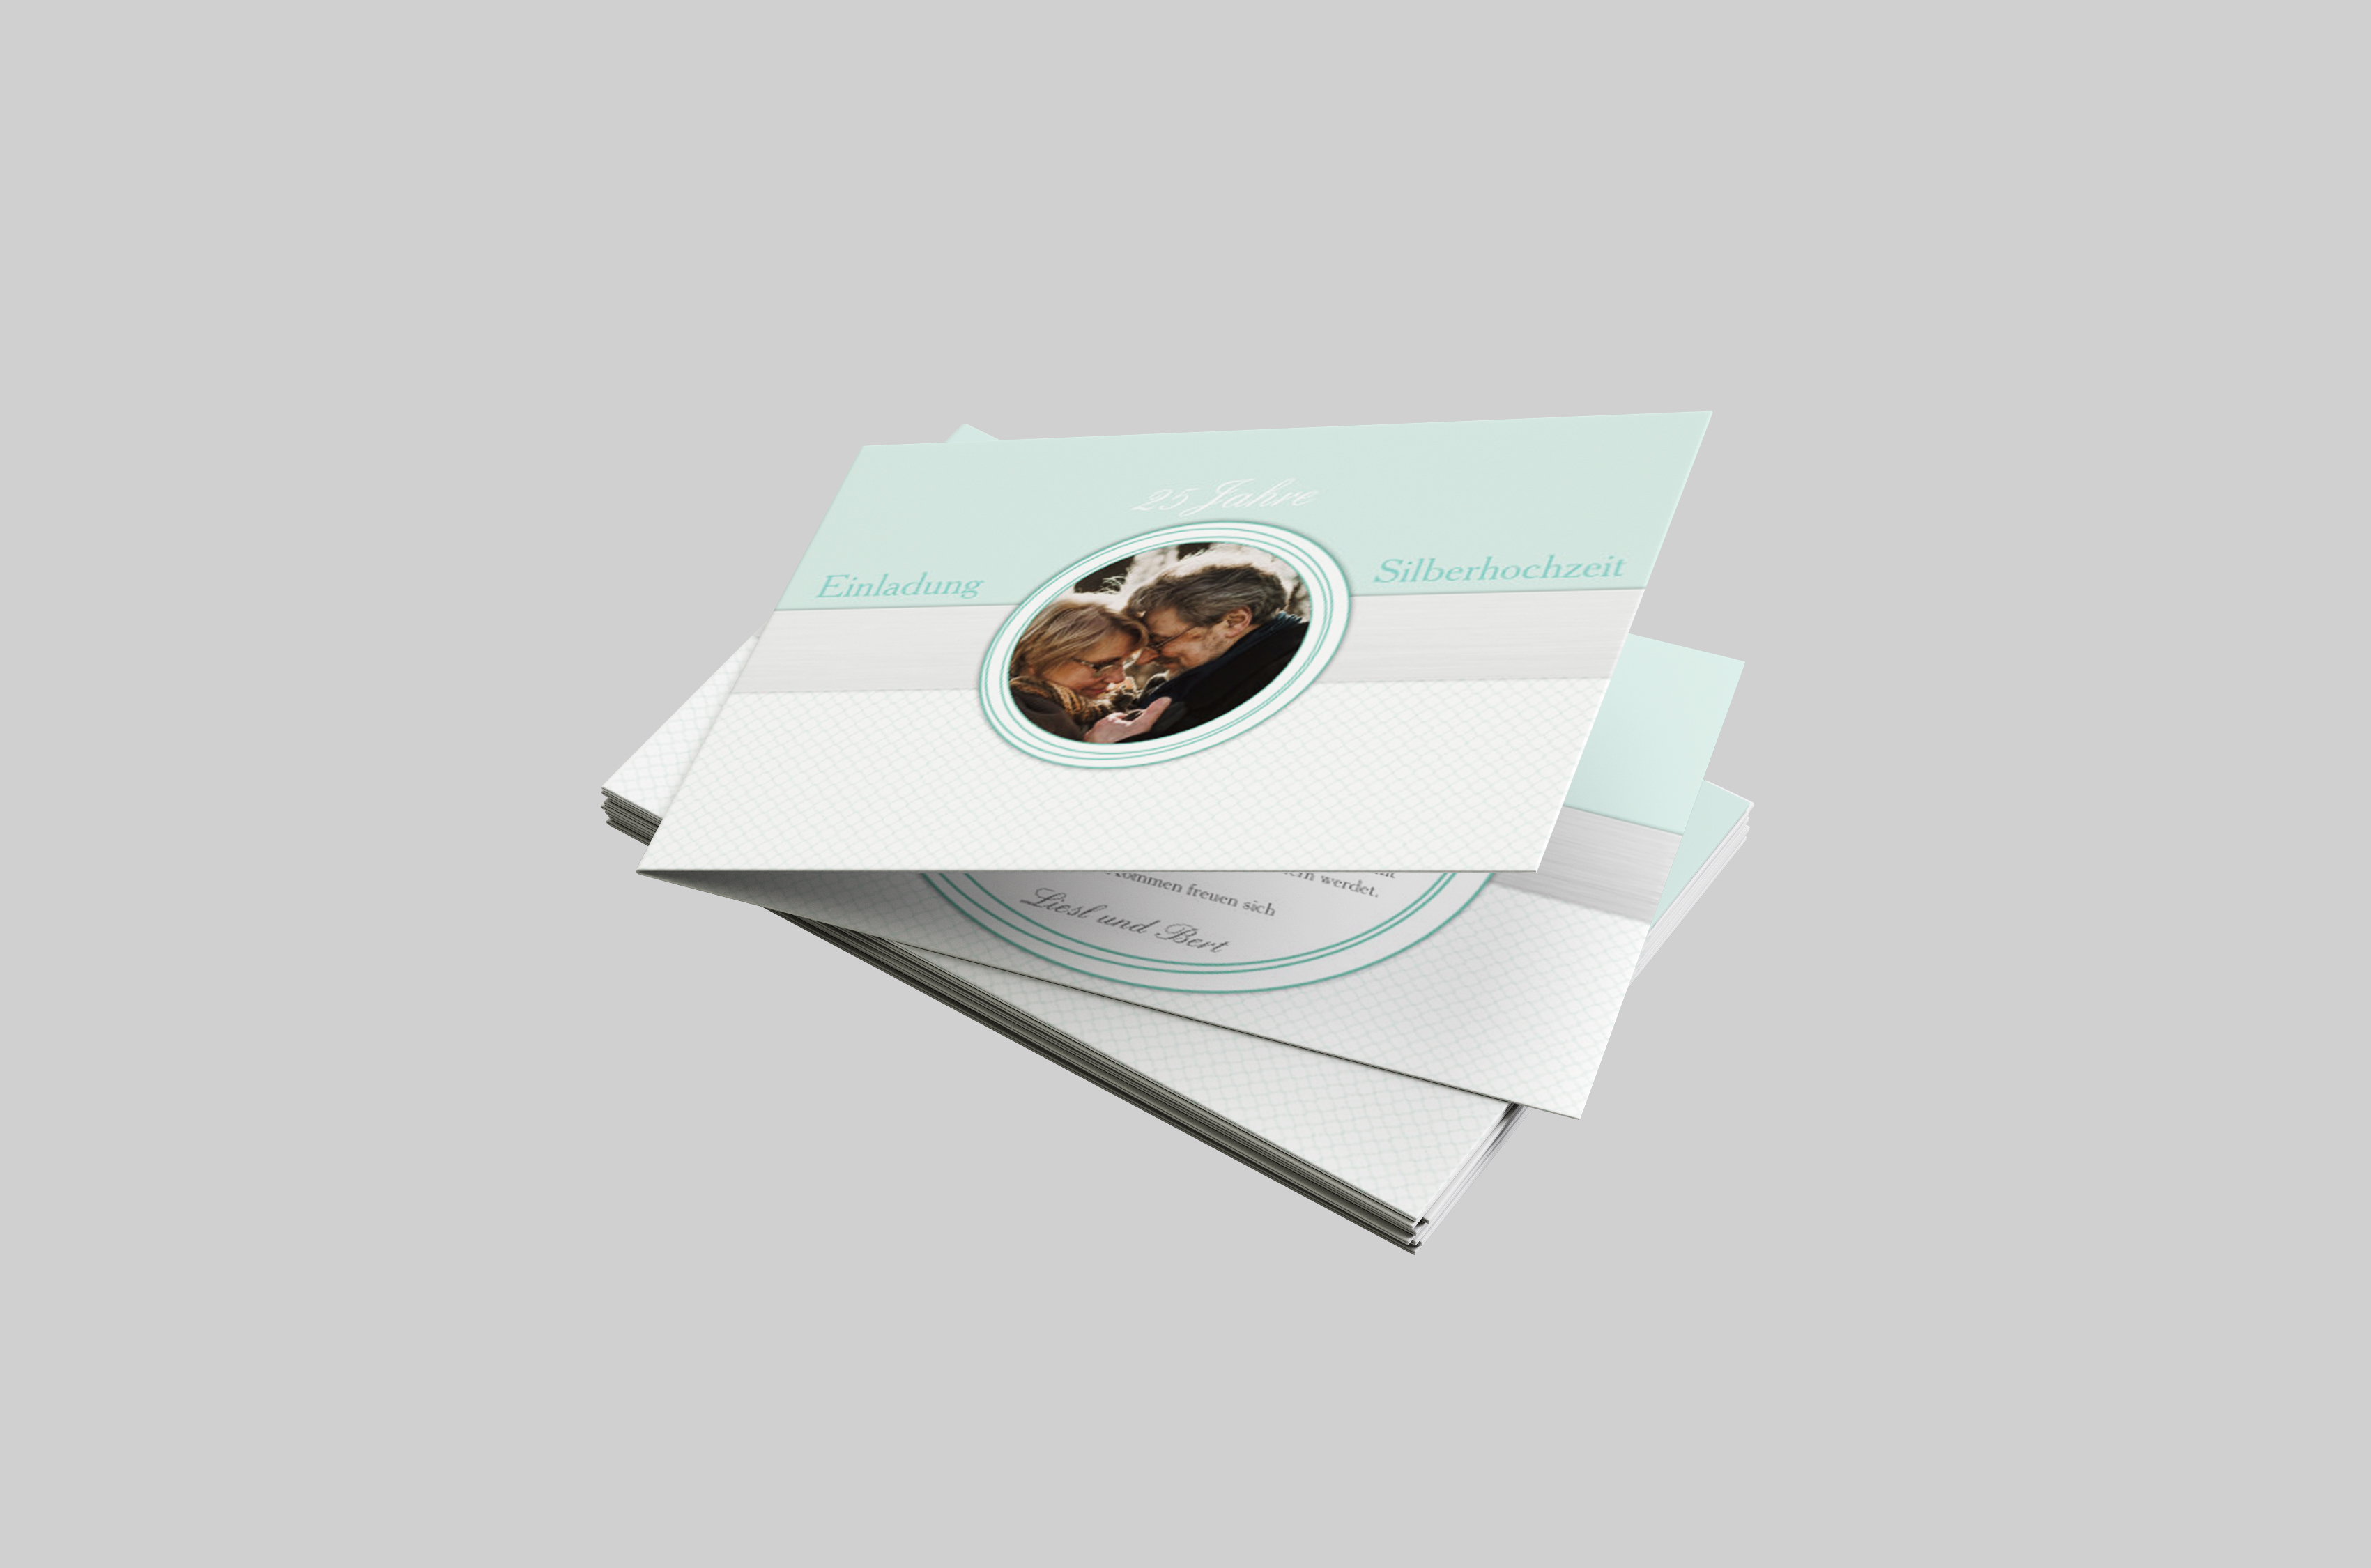 Einladungskarte Silberhochzeit Dezentes Farbtrio